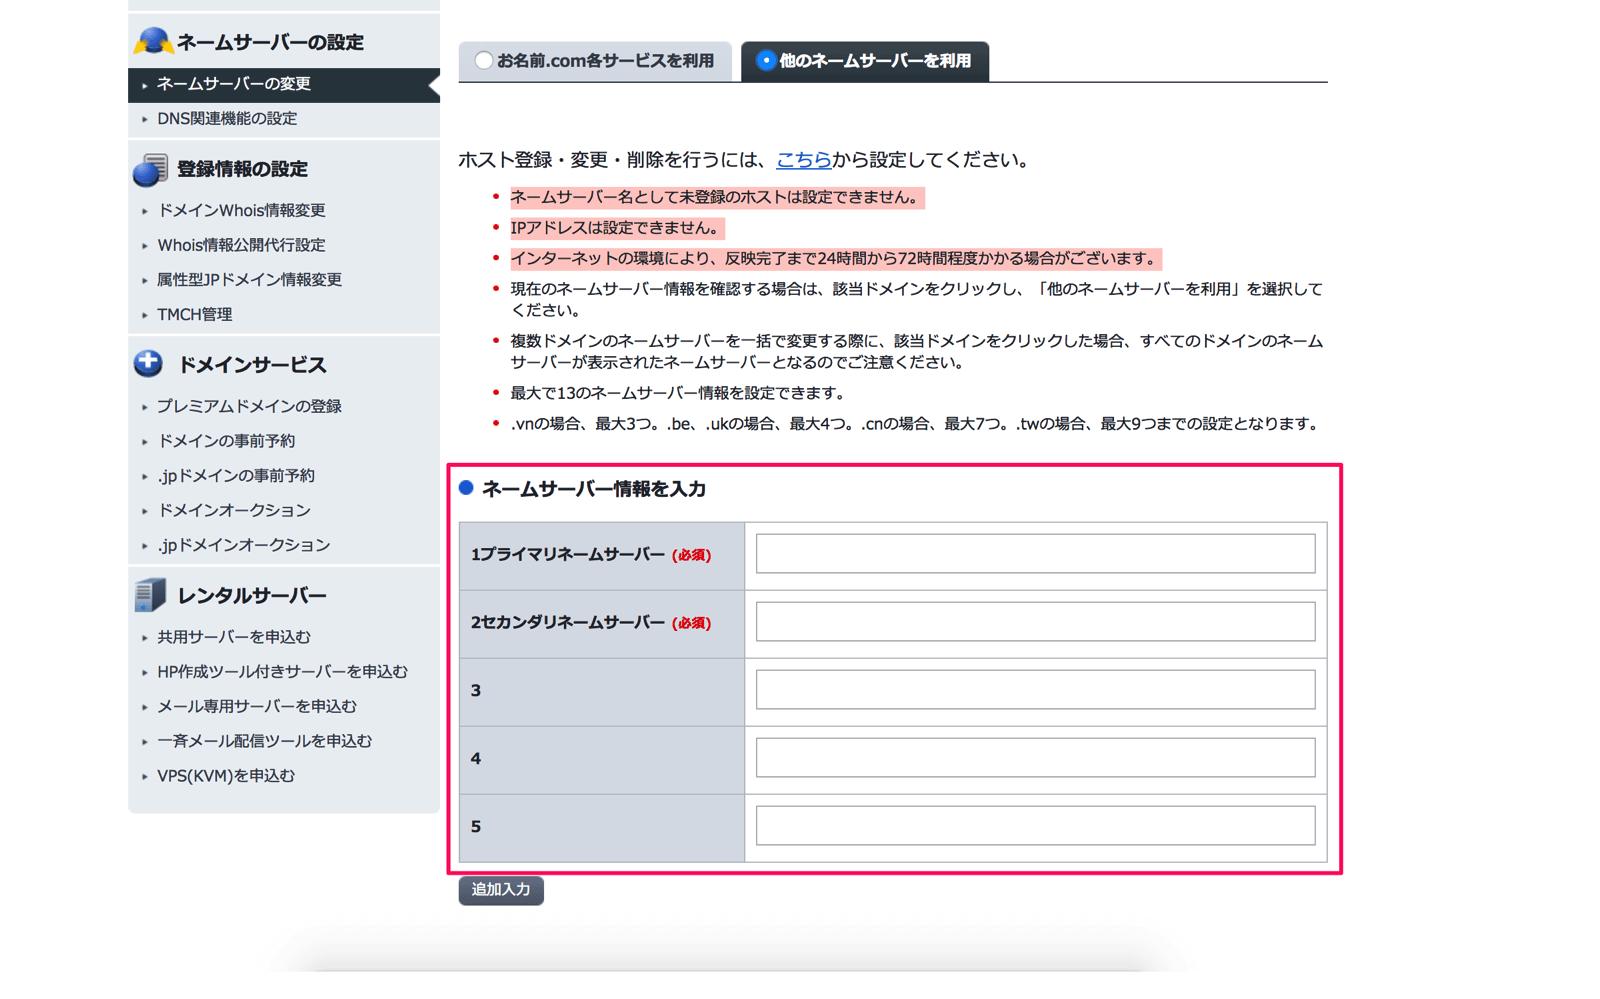 ネームサーバーの設定エリアが表示されるので、控えた情報を入力します